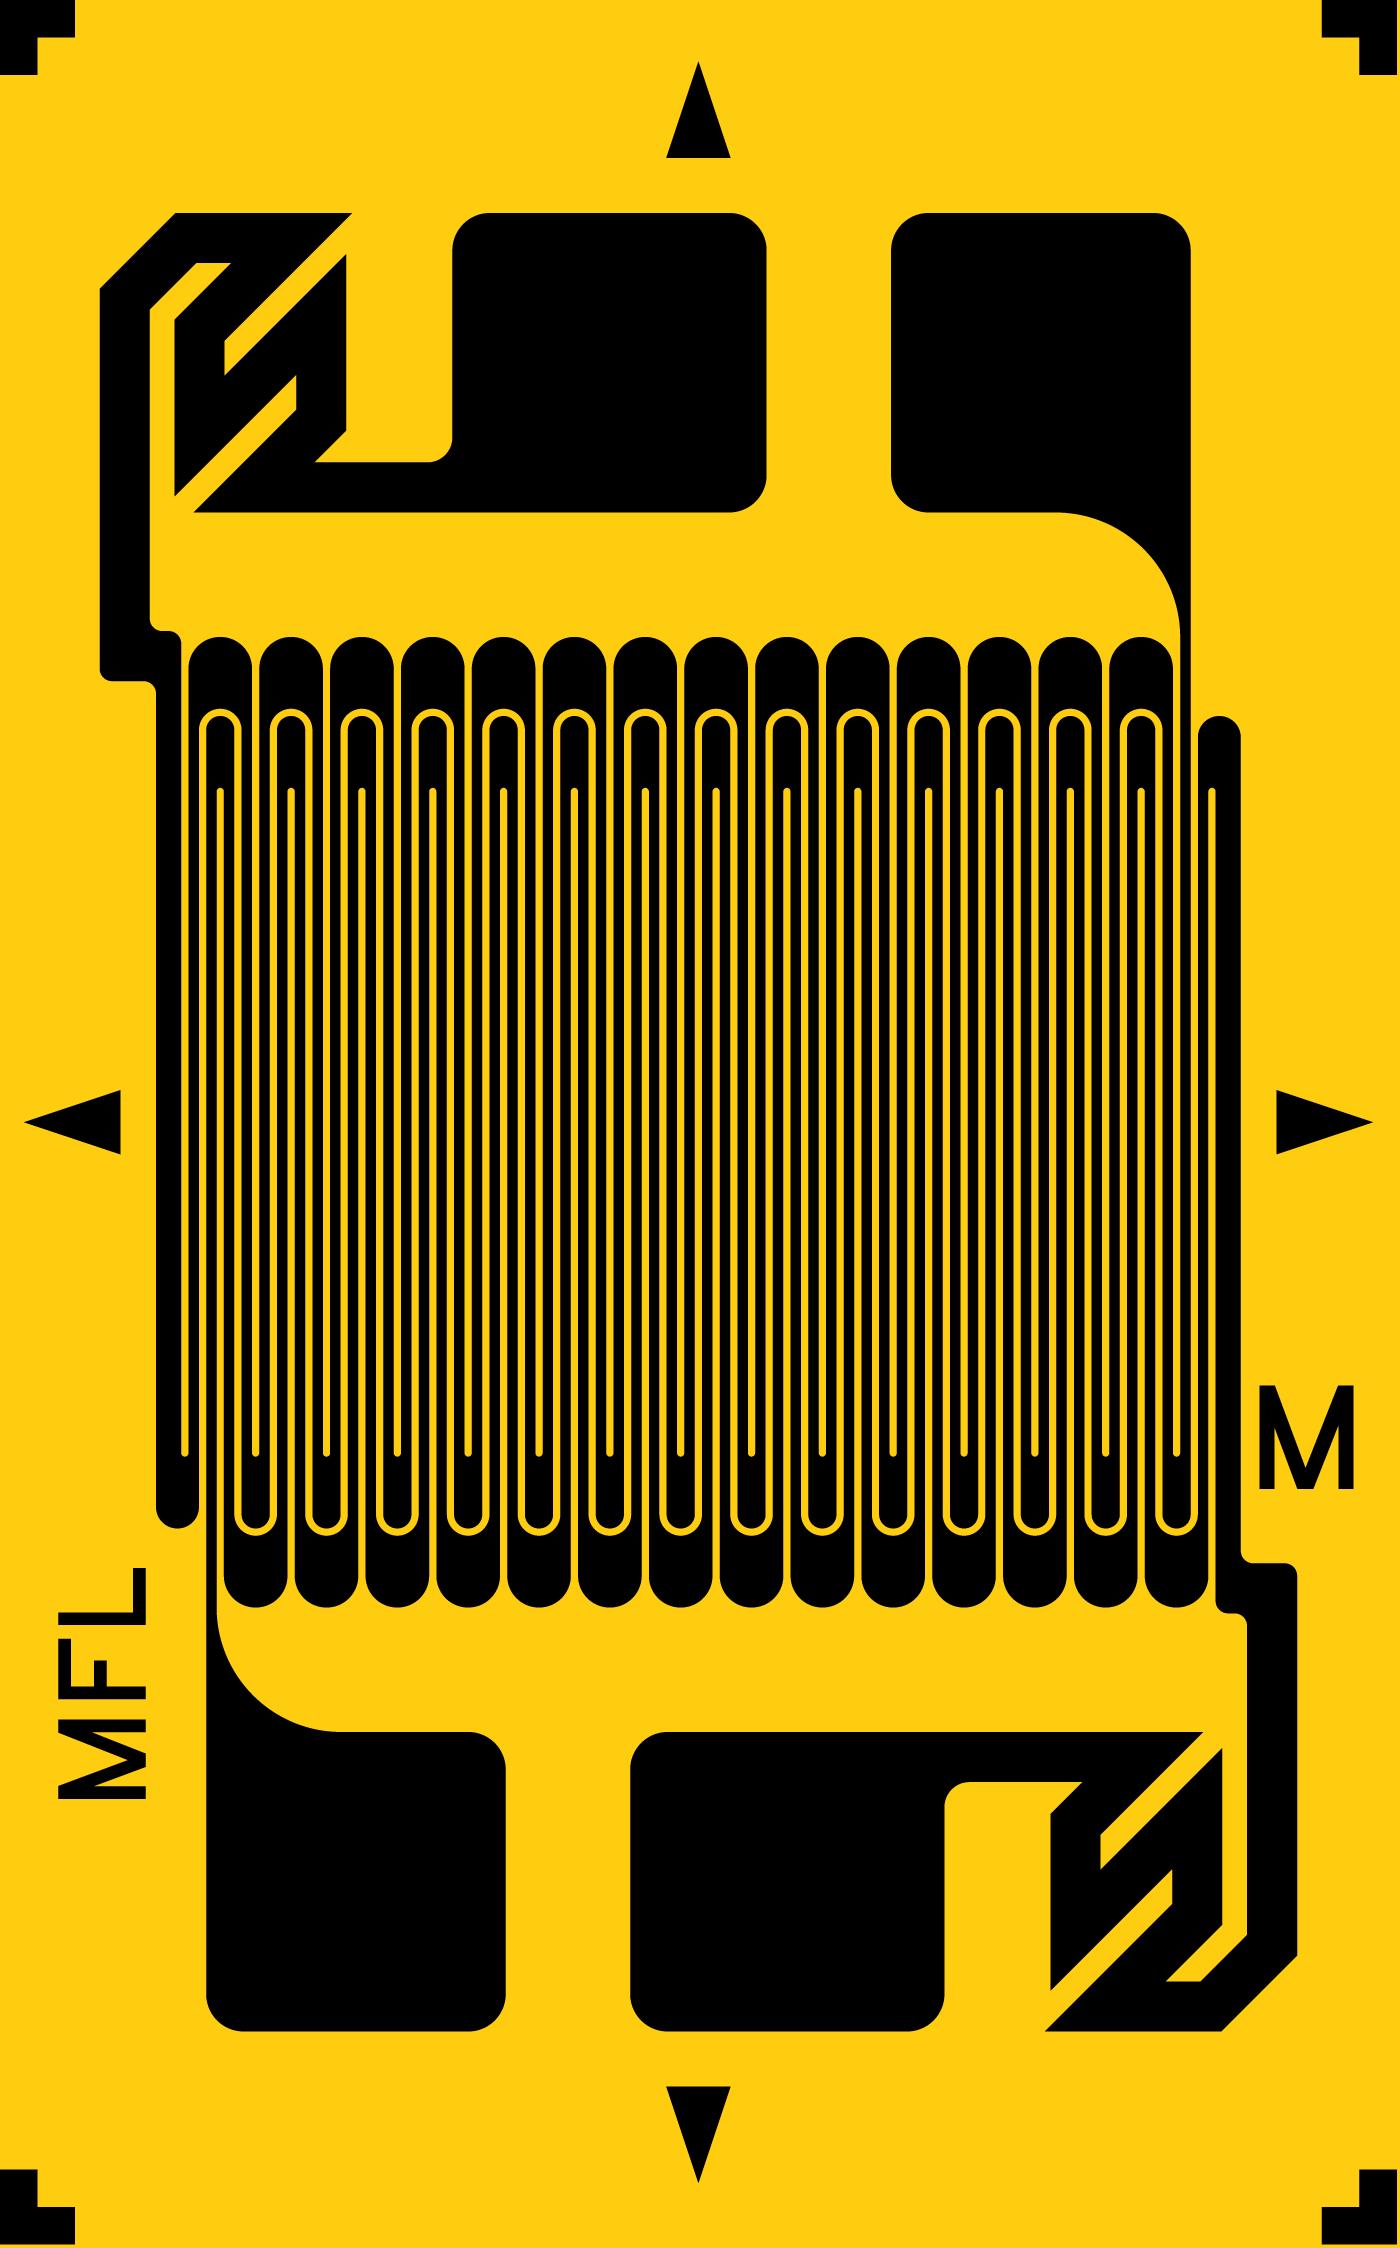 D3BR-350M-XX-Y